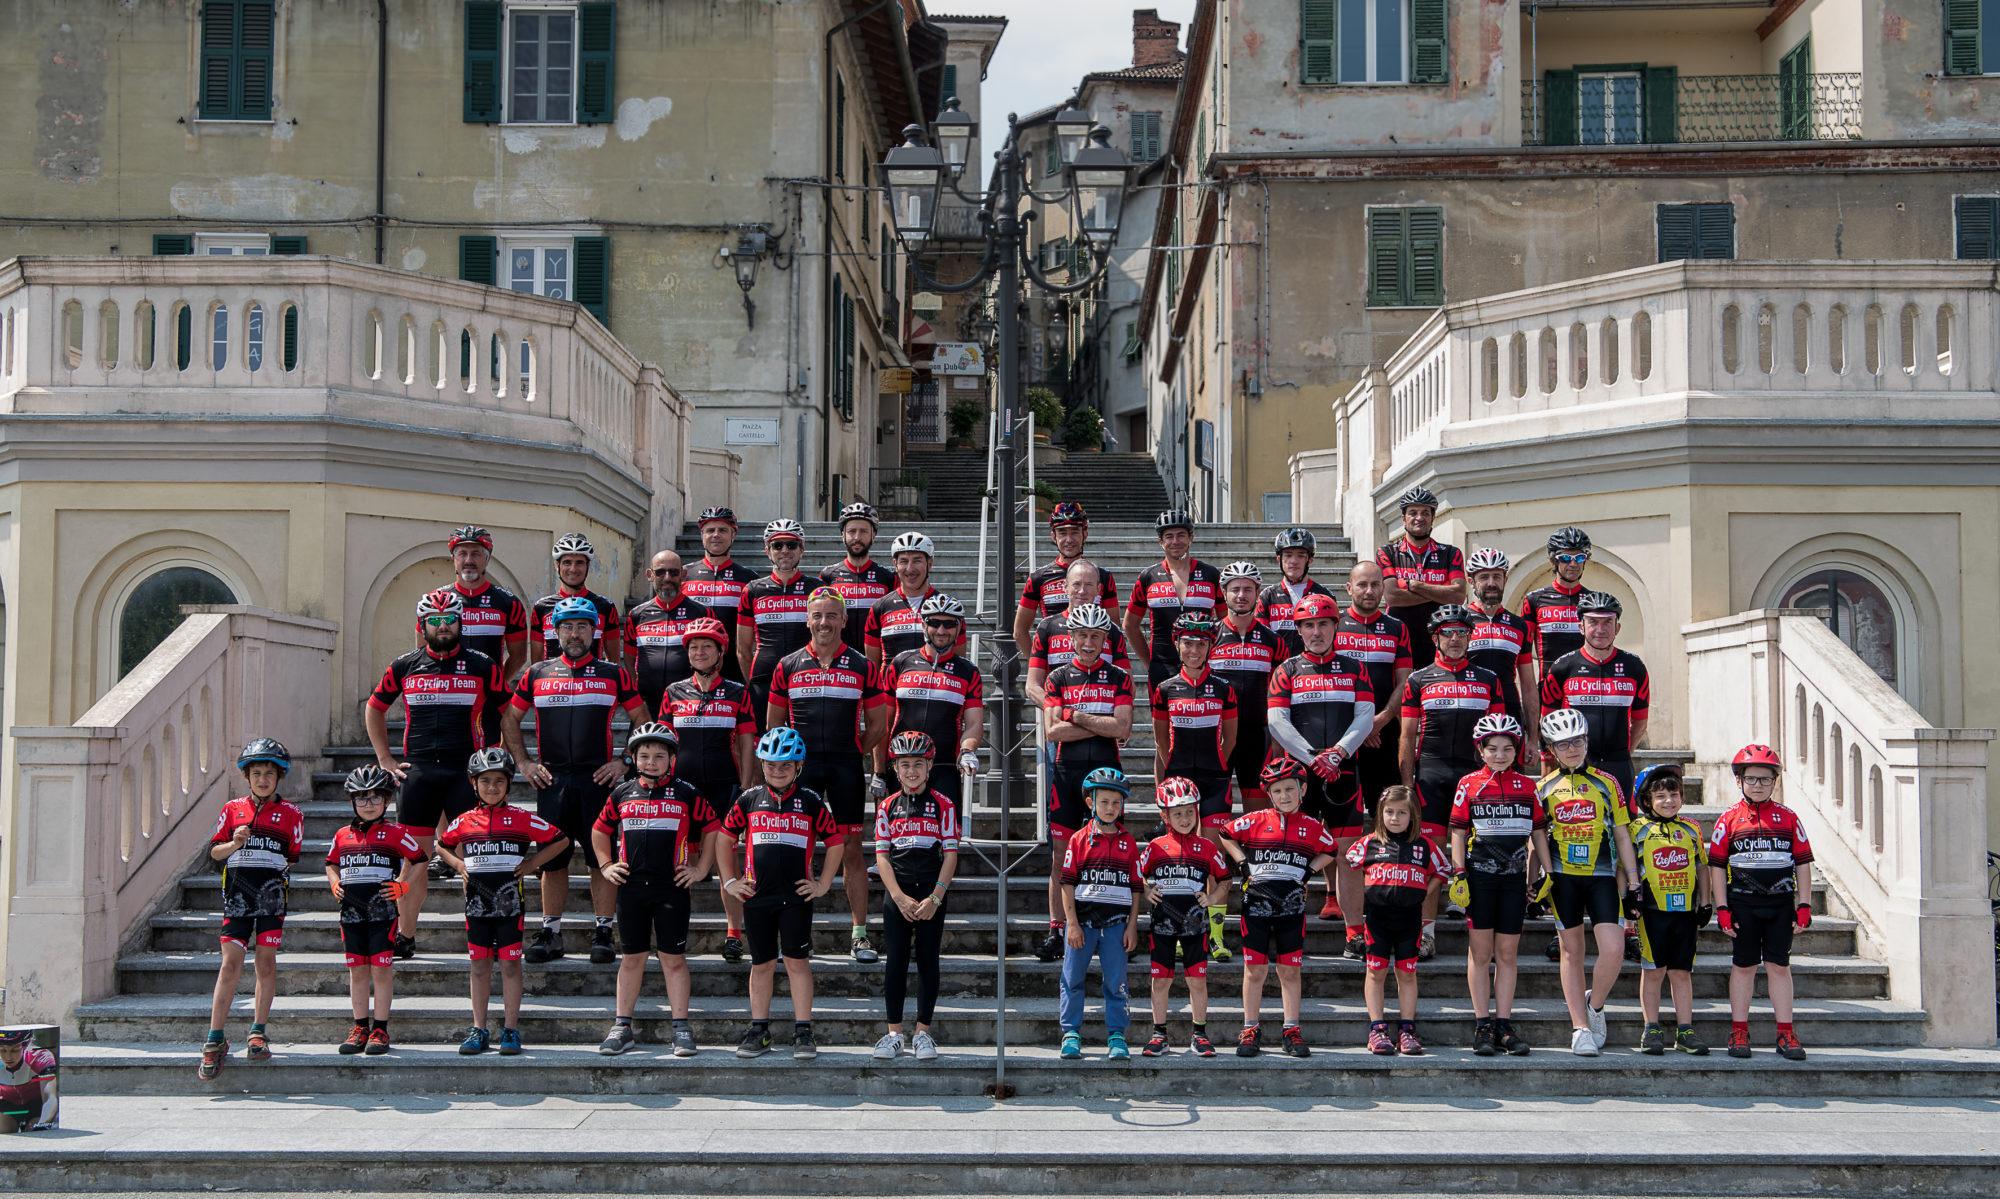 ASD Uà Cycling Team